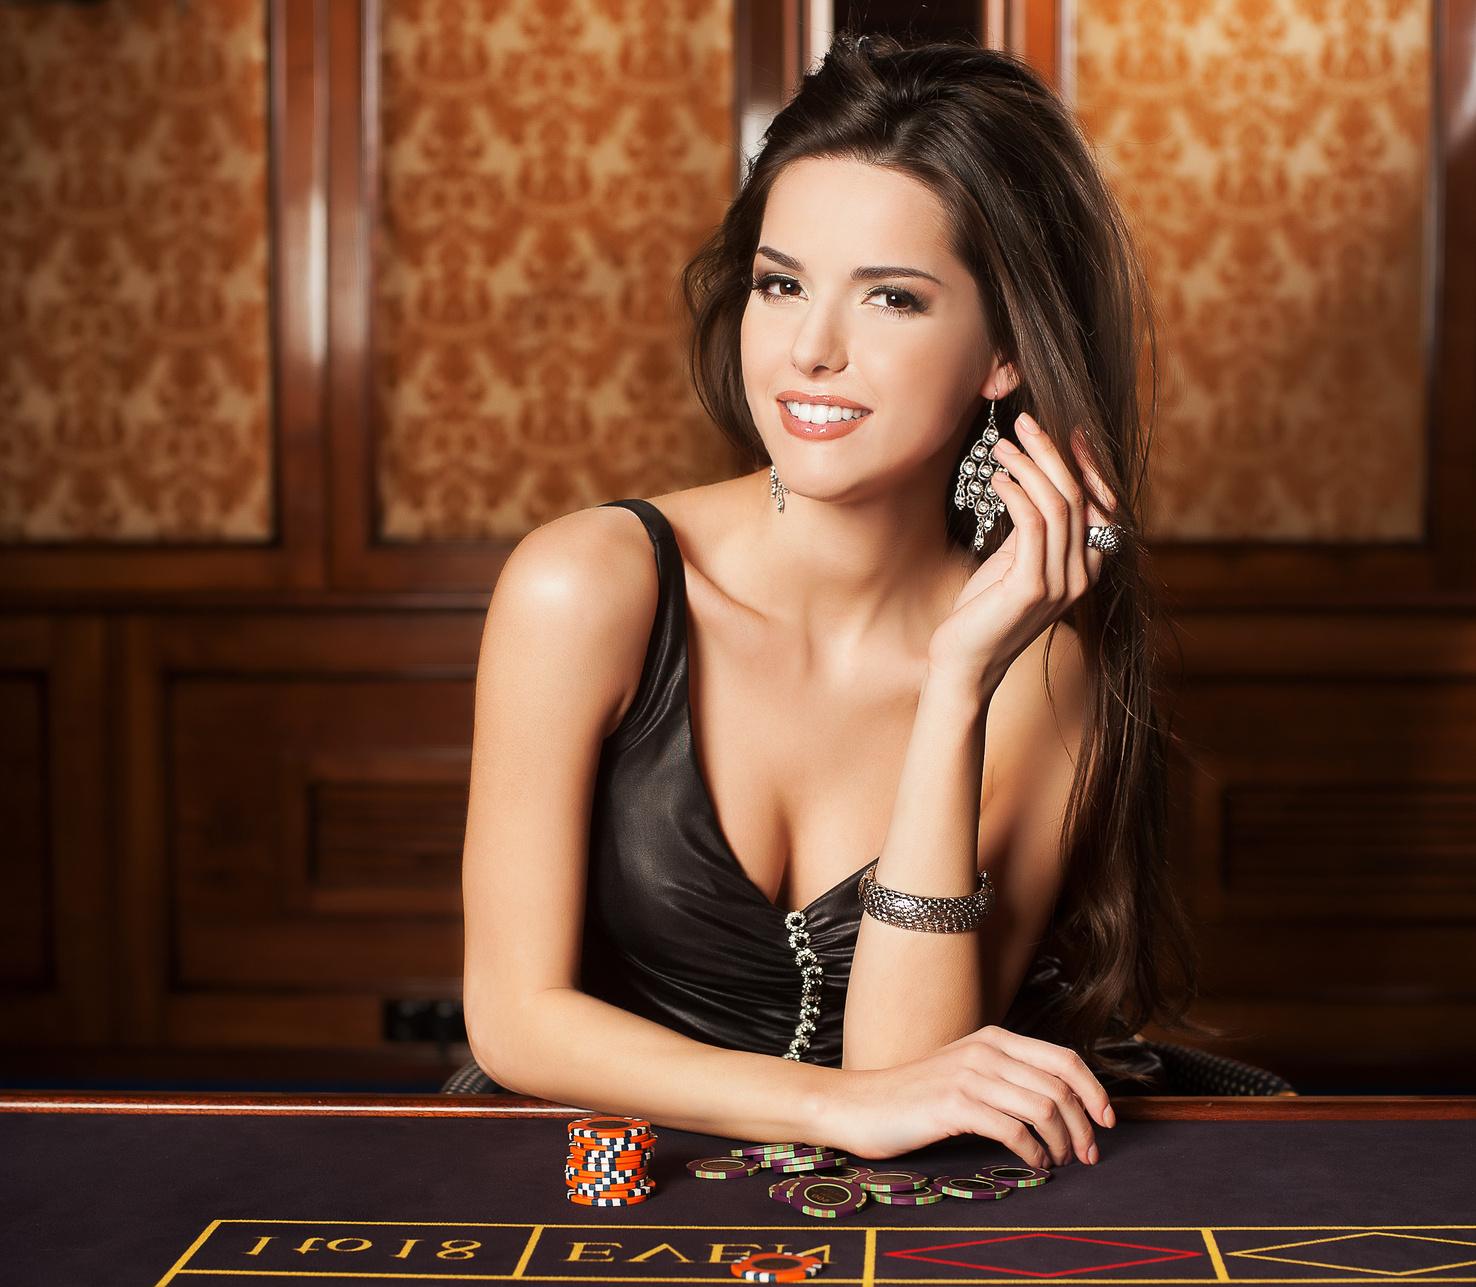 Beating the casino edge